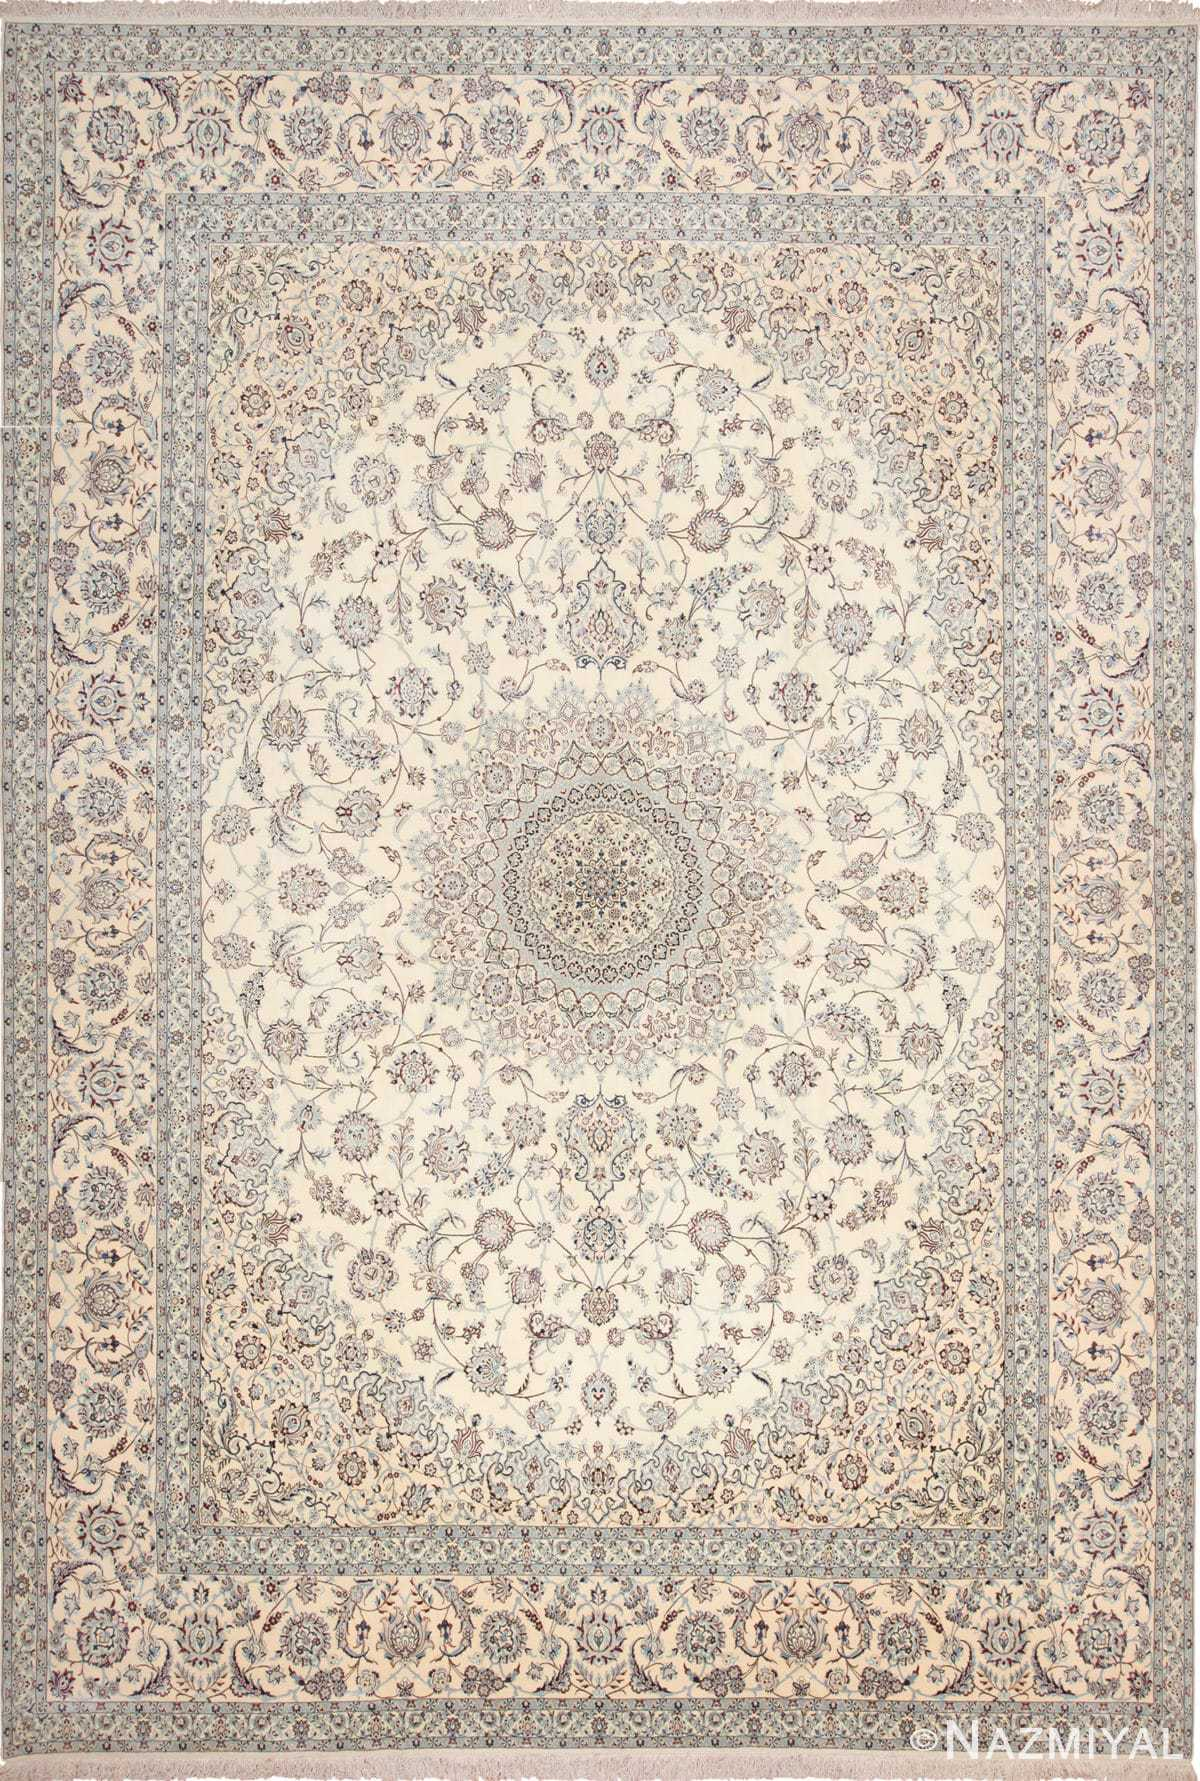 Large Silk And Wool Vintage Persian Nain Rug 60030